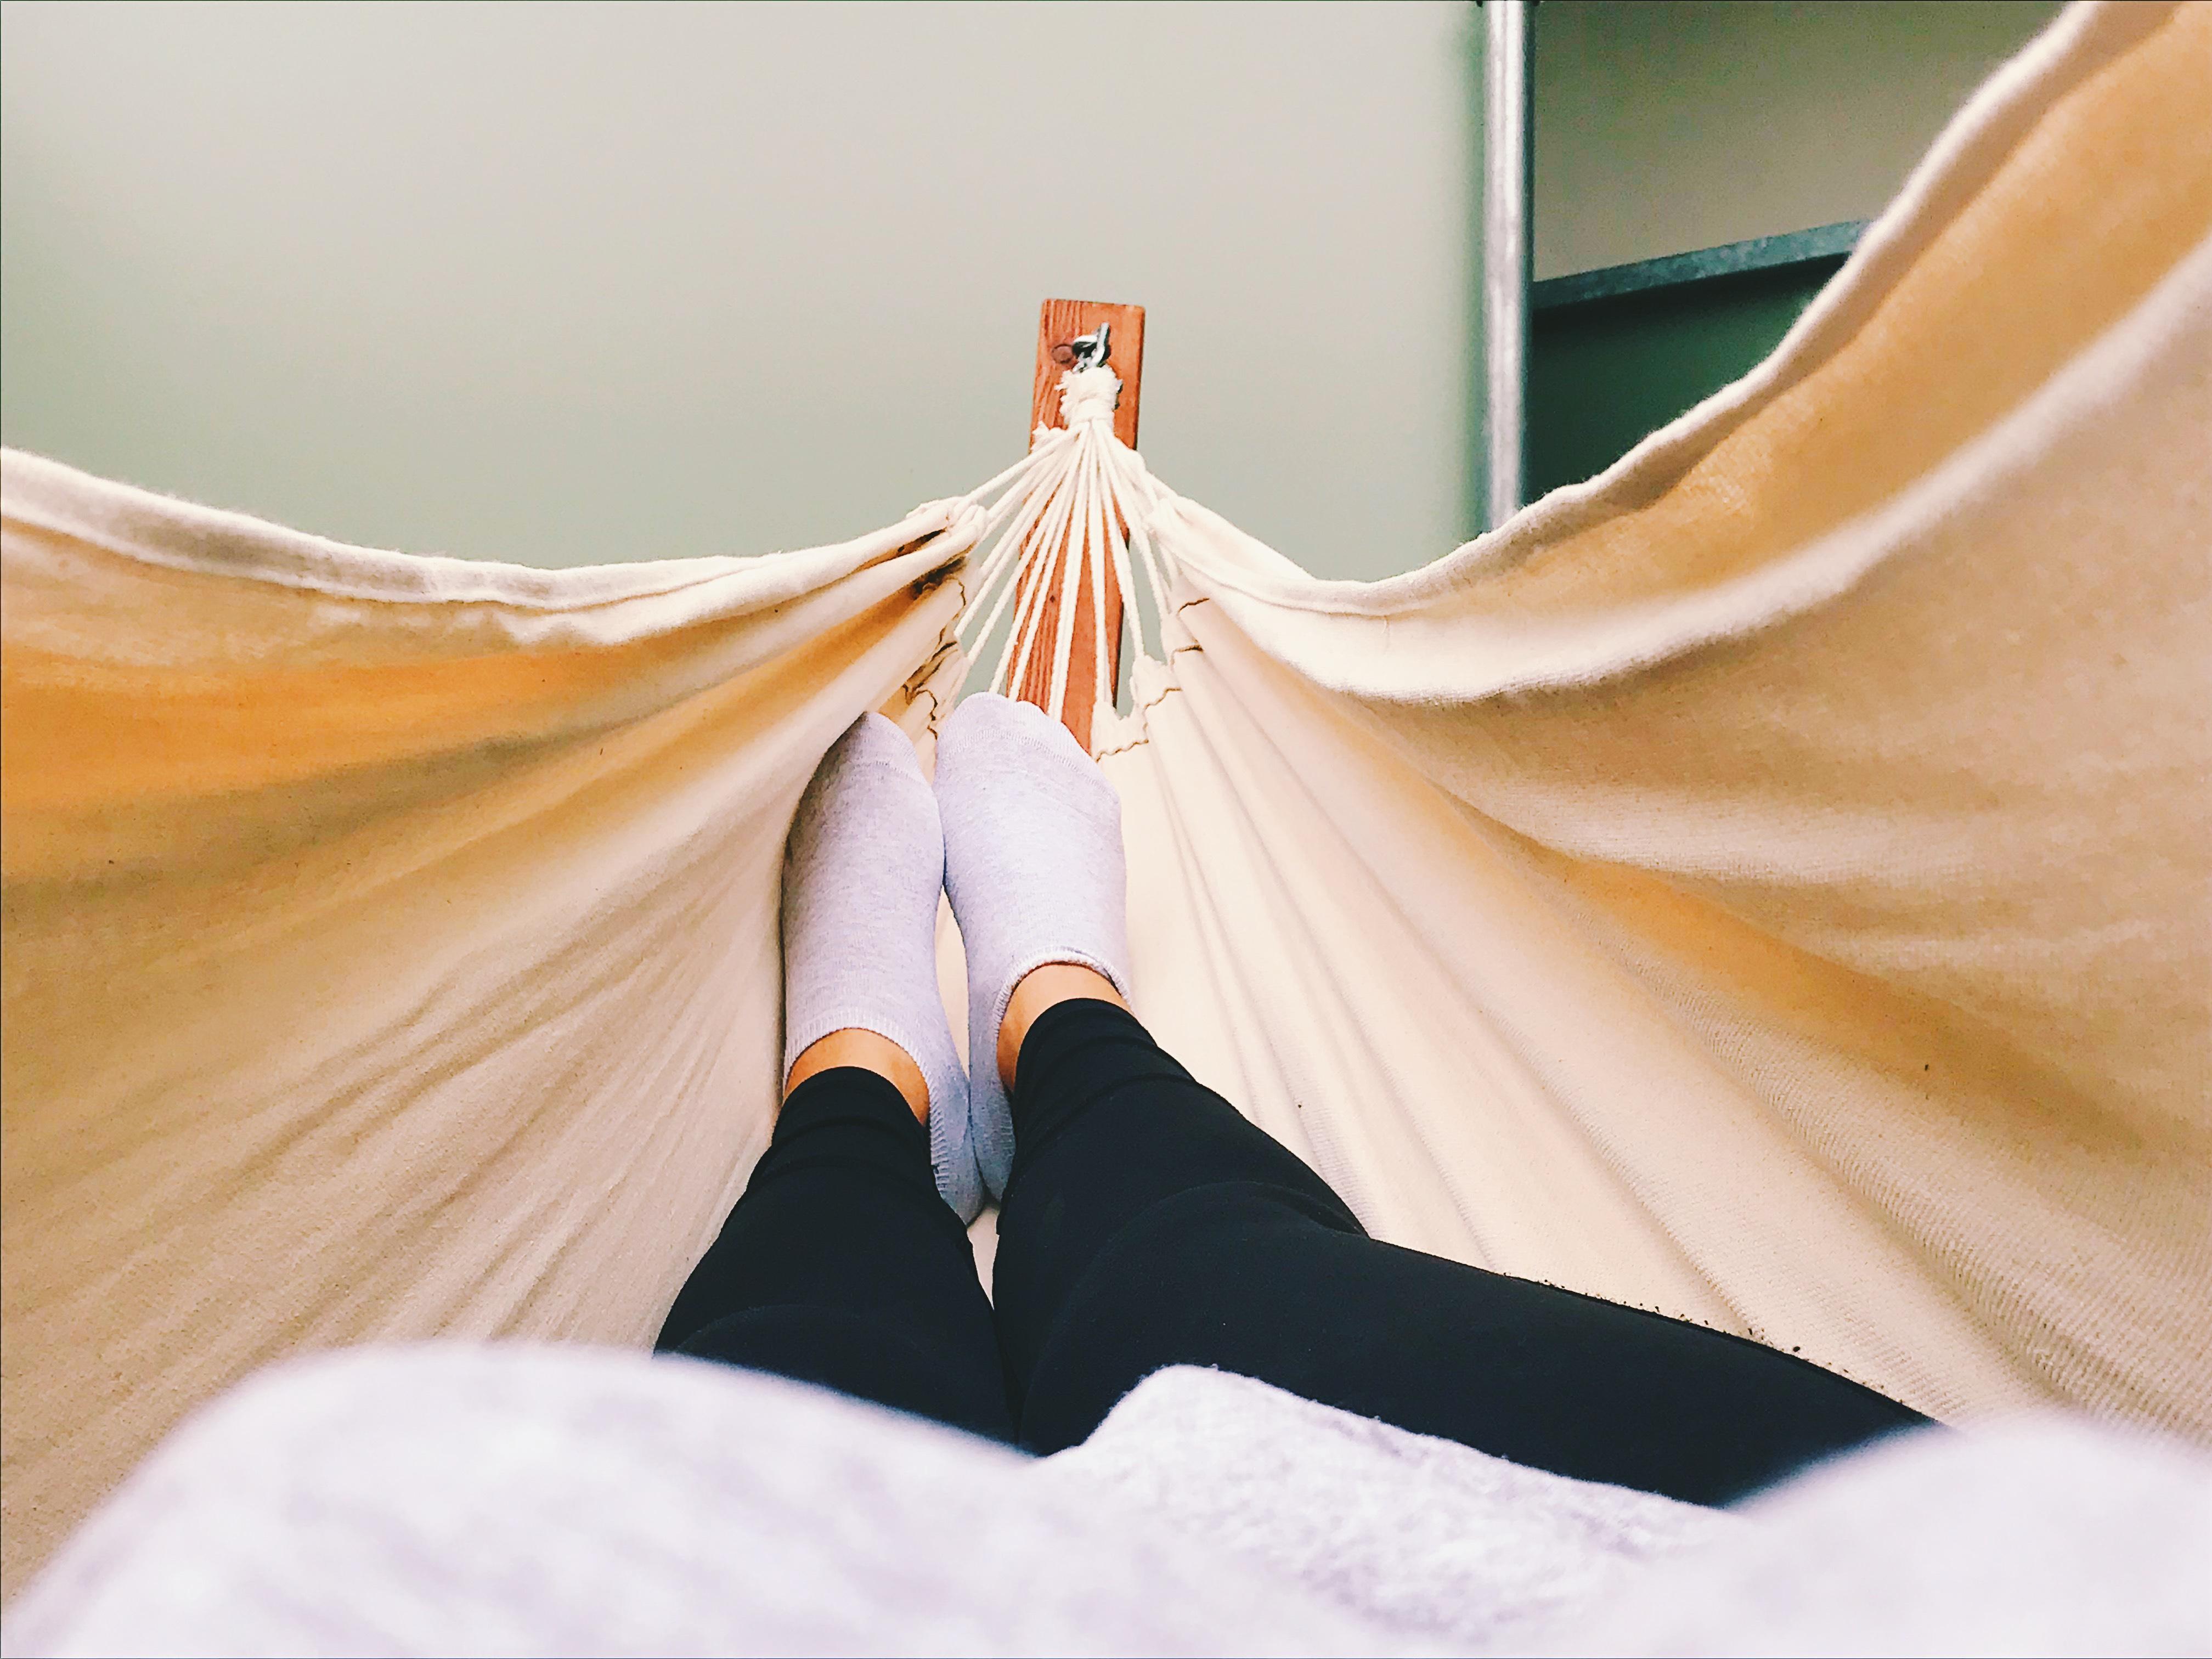 Feet hammock meditation